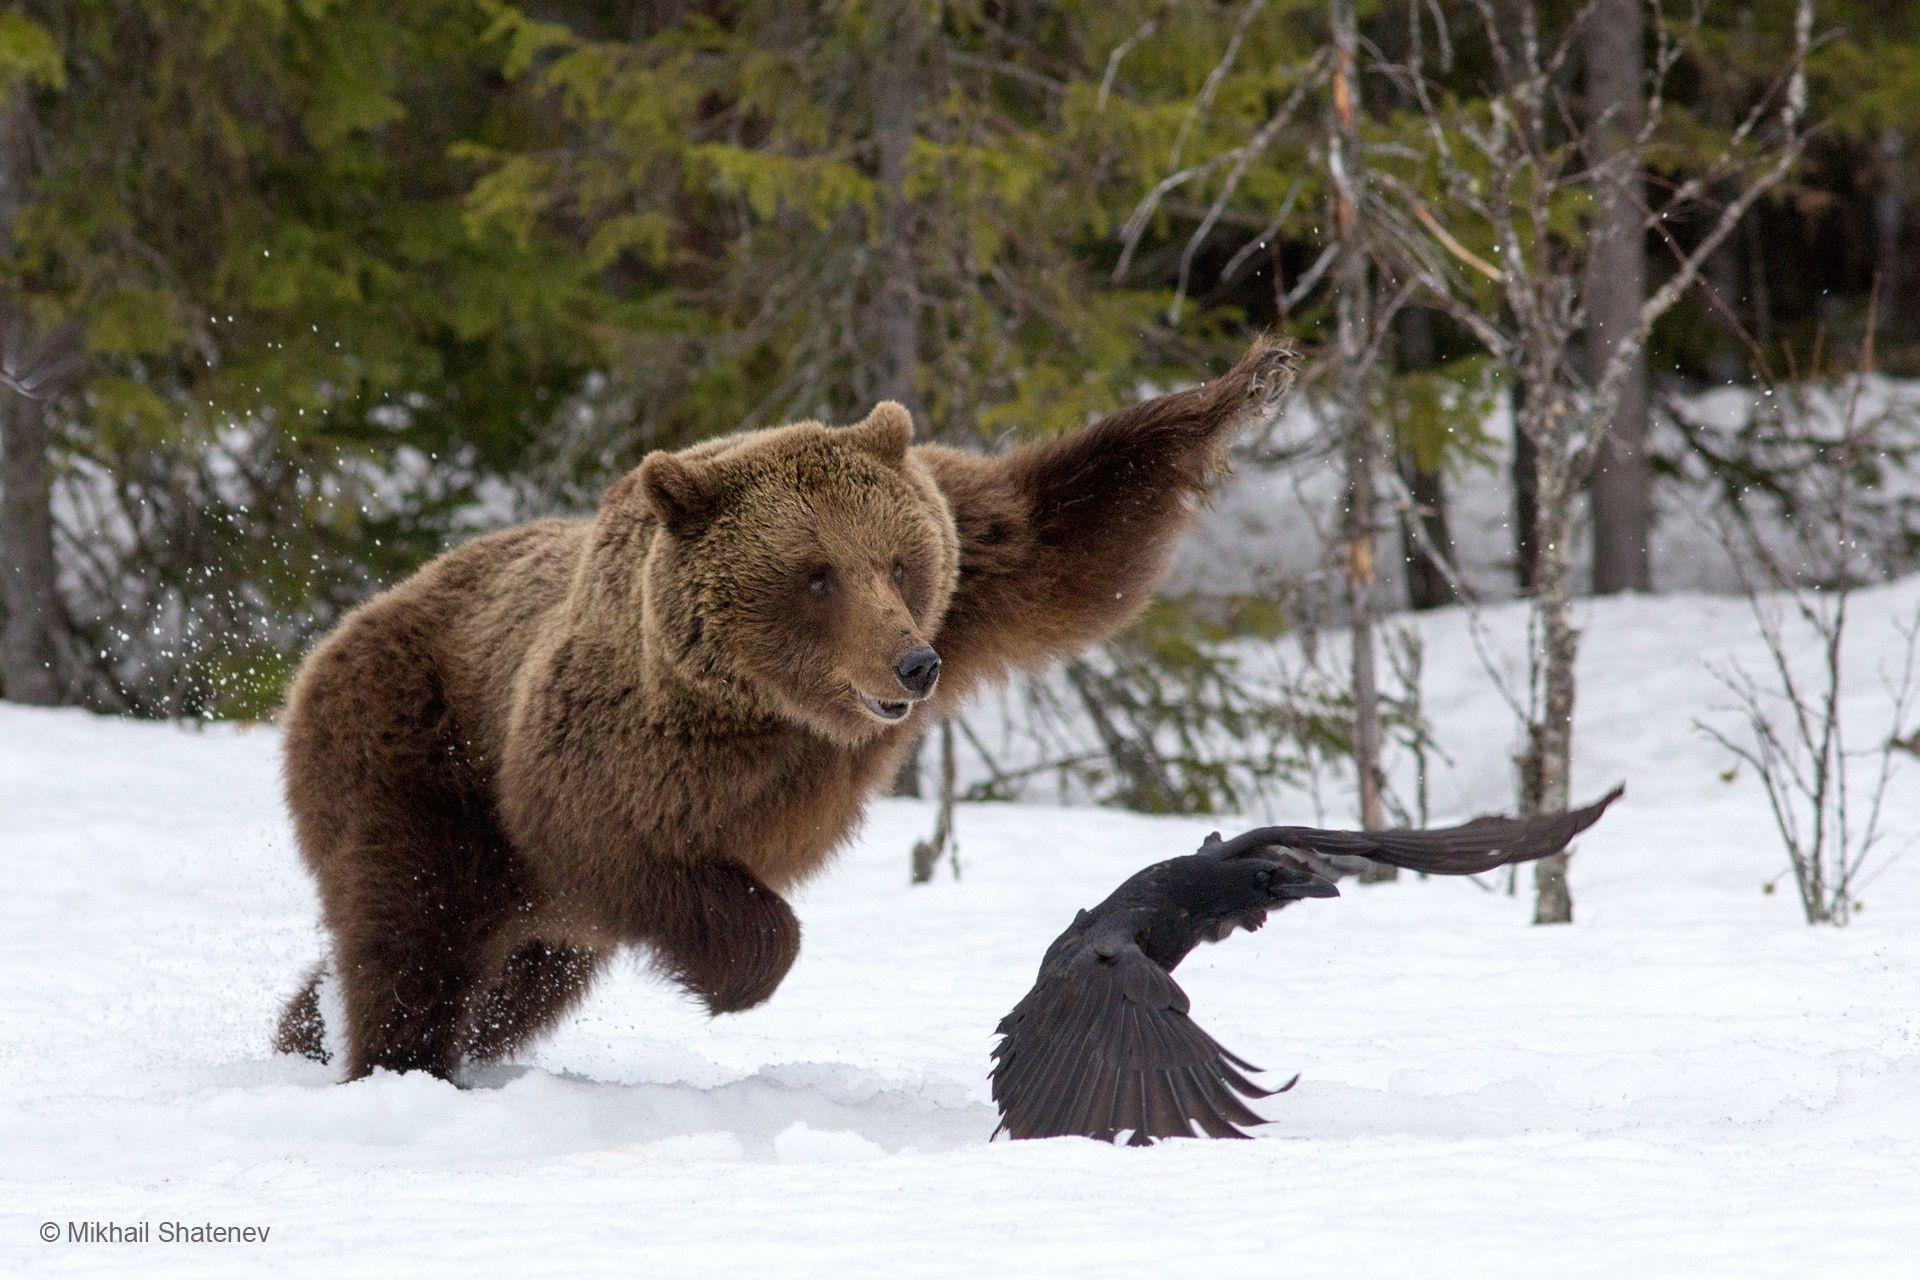 отдельной картинки диких зверей россии тому же, для